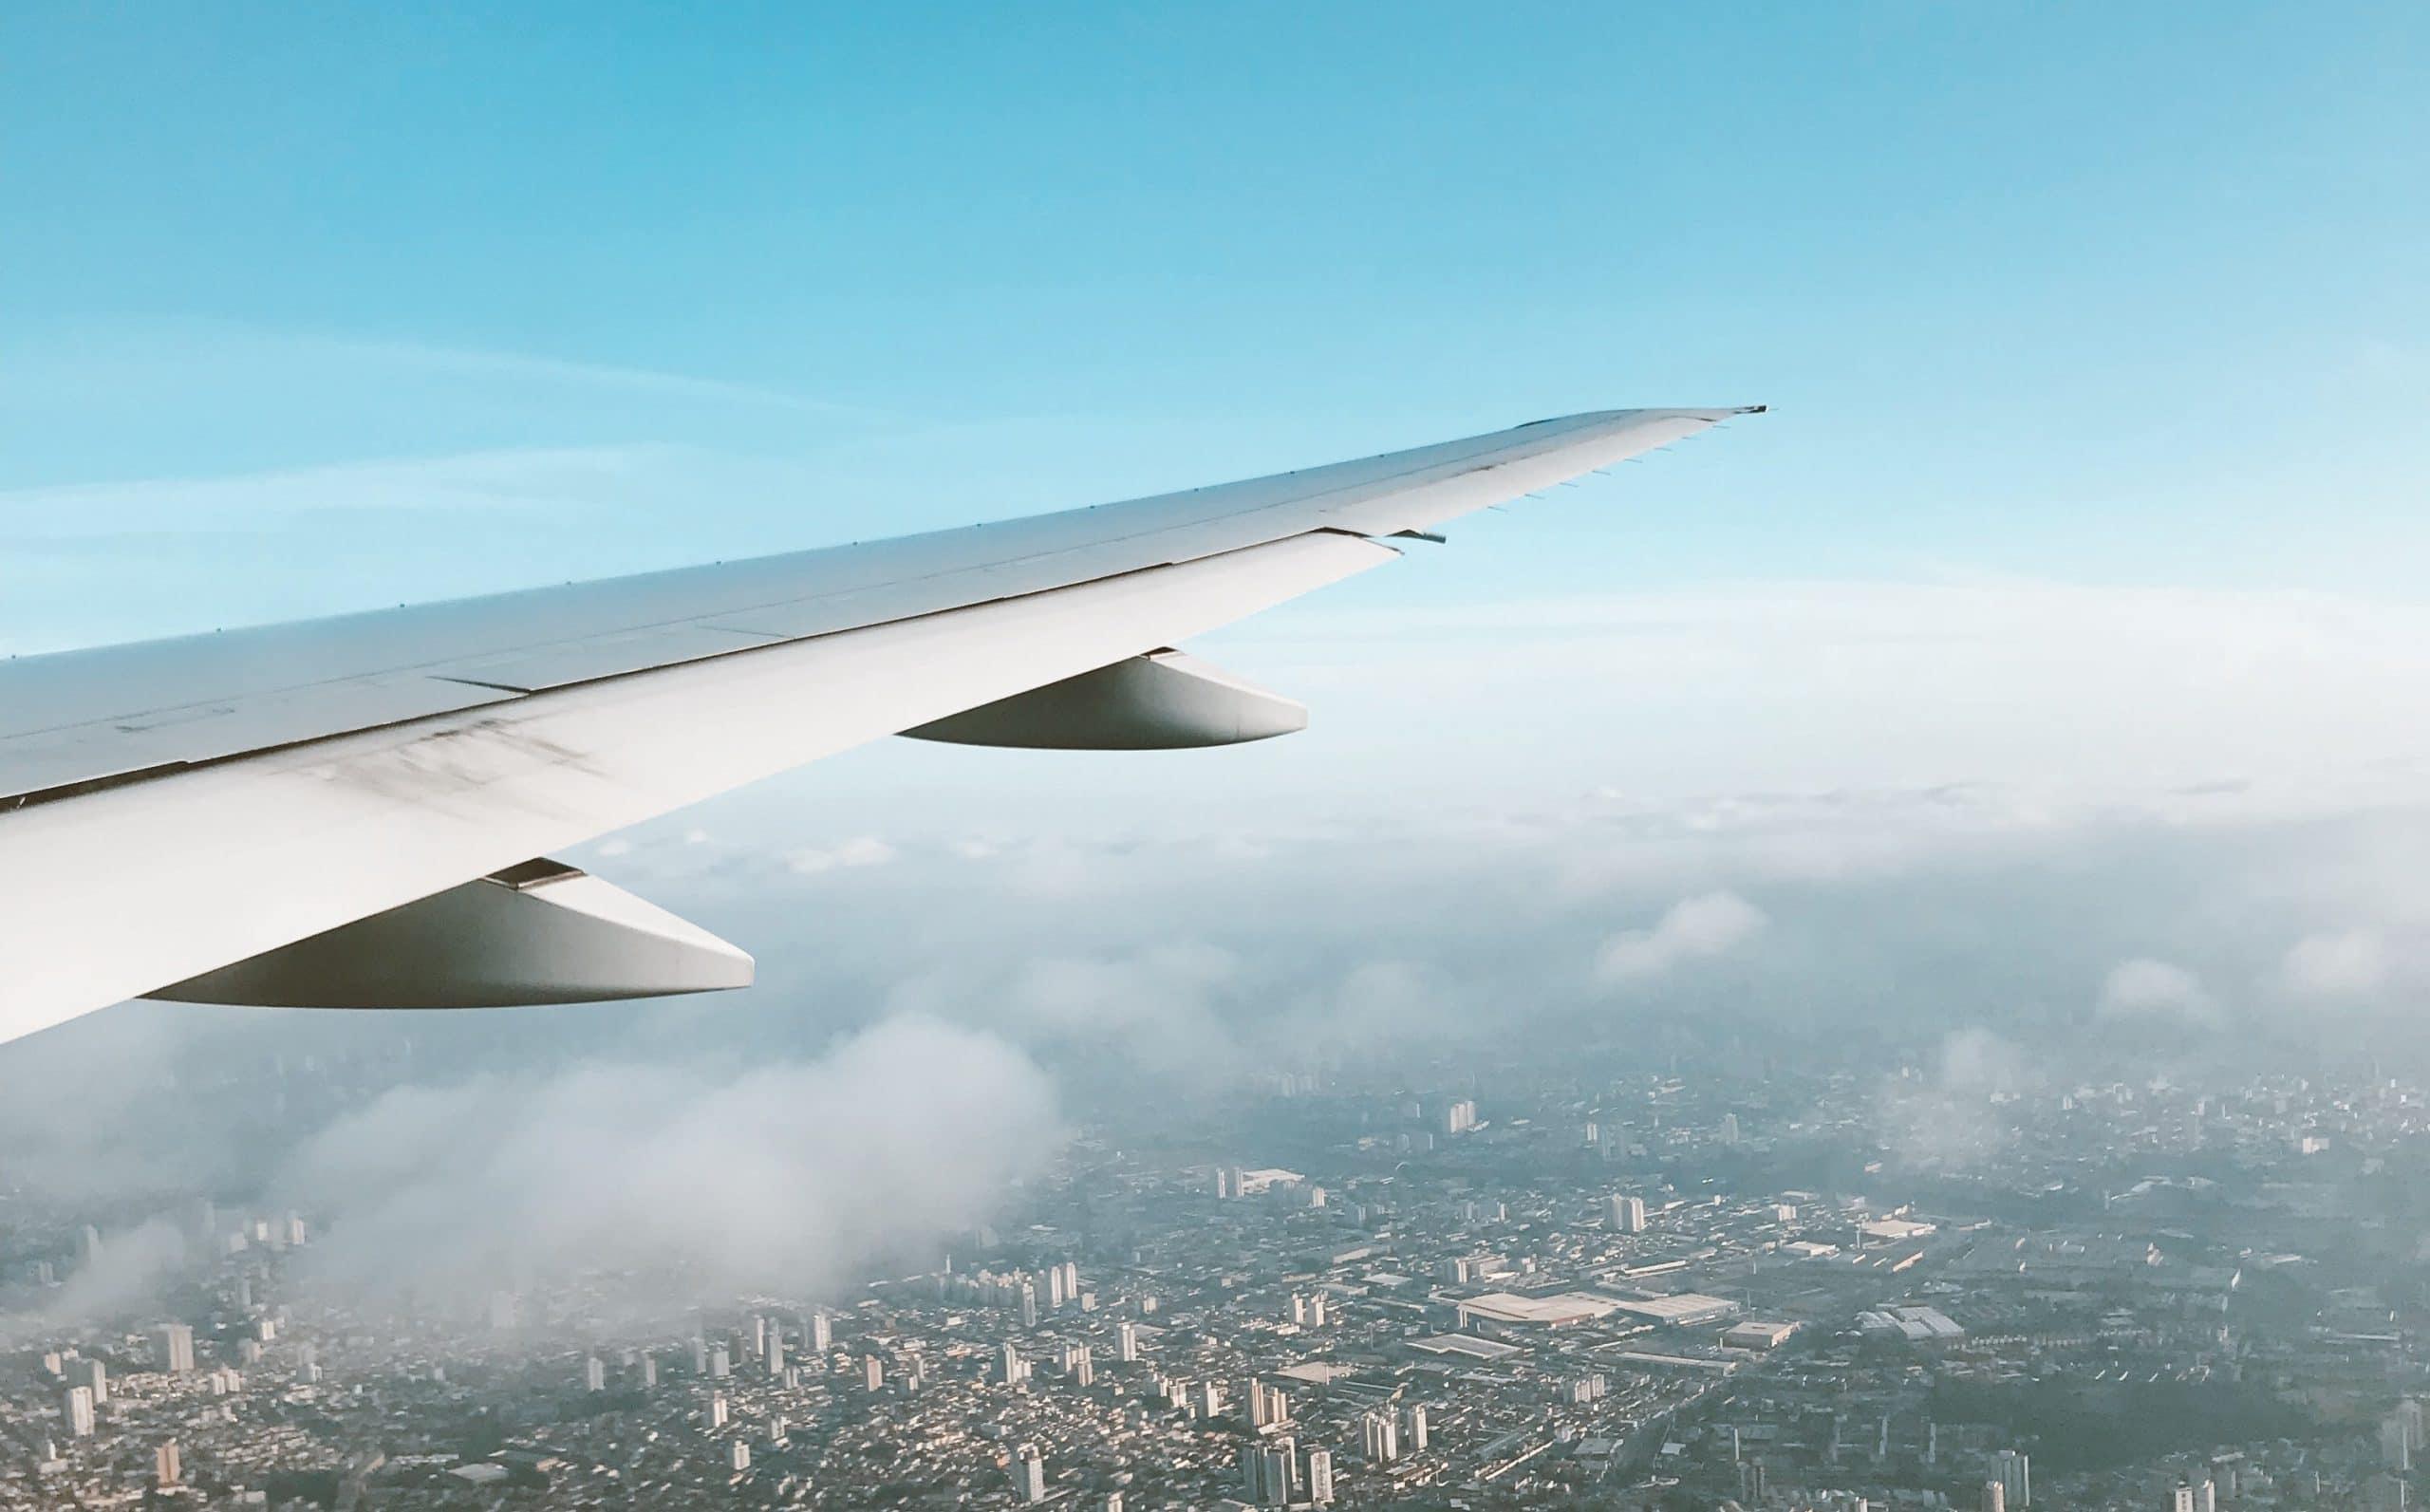 Widok skrzydła samolotu w powietrzu z siedzenia pasażera